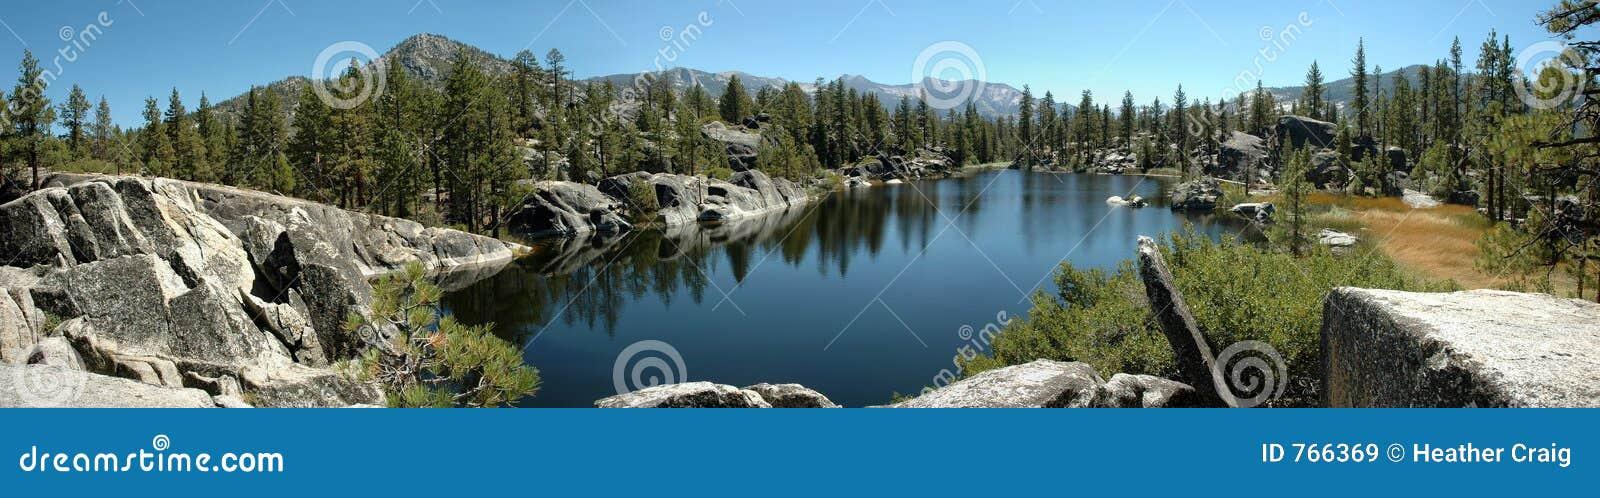 Alpines See-Panorama in der Sierra Nevadas